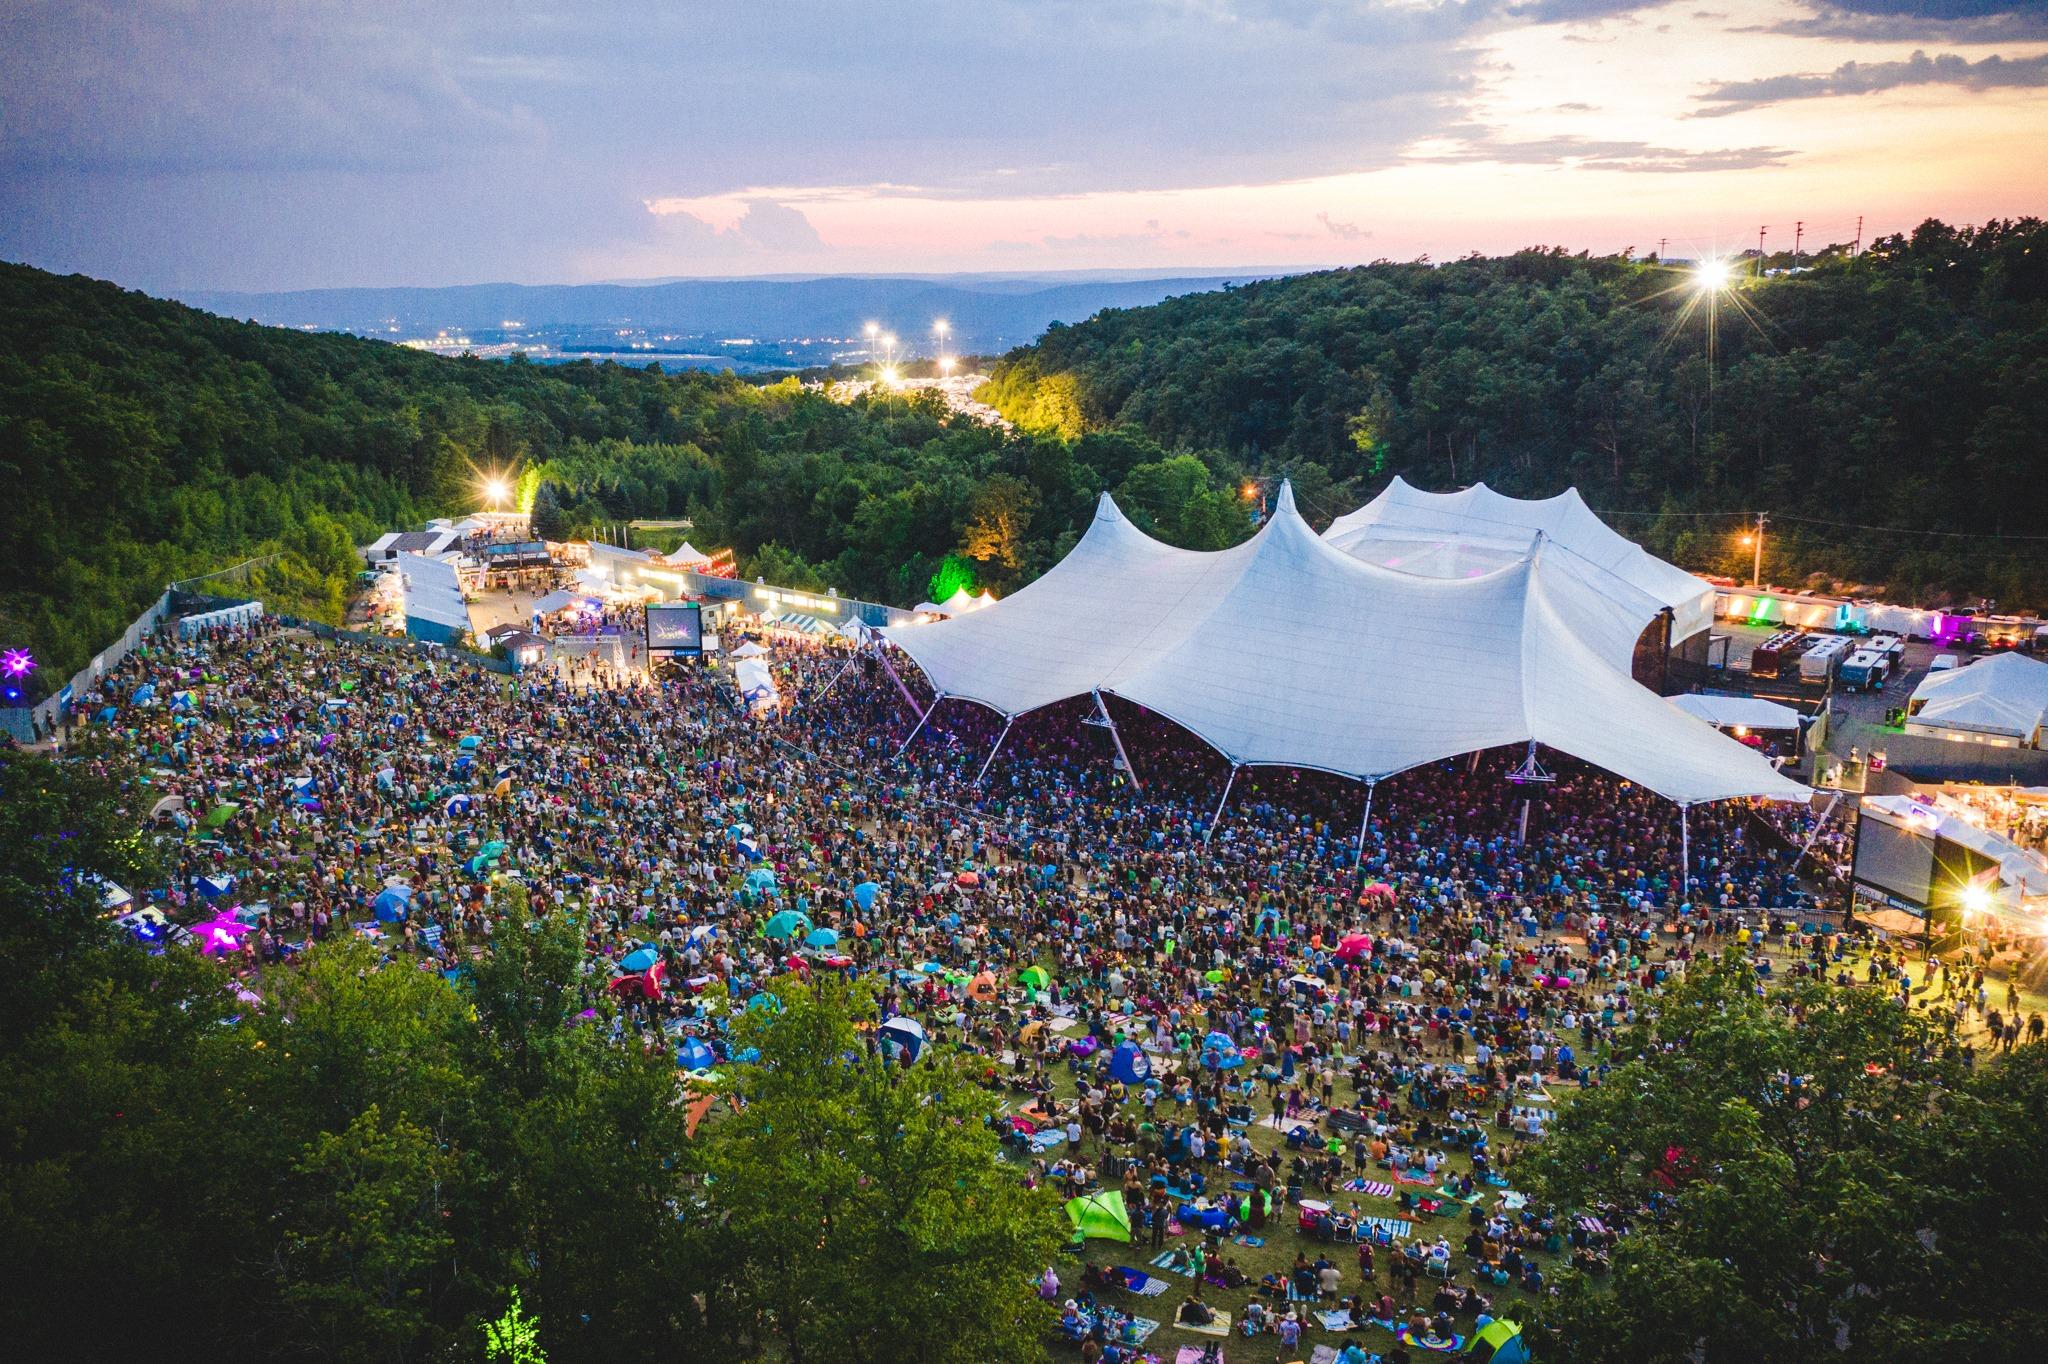 The Peach Music Festival PA 2022